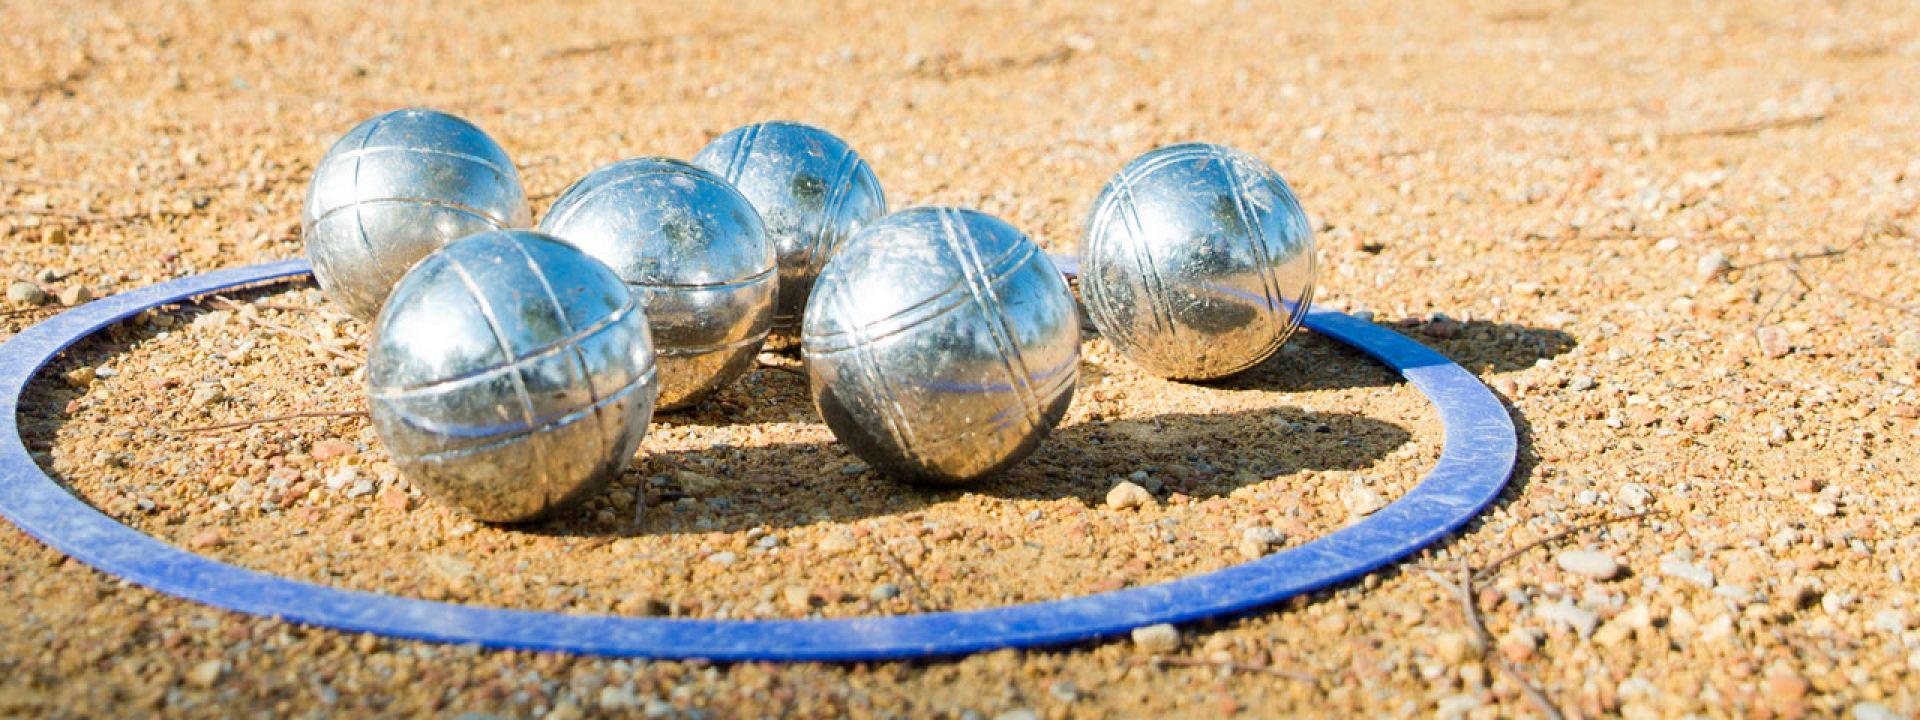 Φωτογραφία από σιδερένιες μπάλες που χρησιμοποιούνται στο άθλημα pétanque